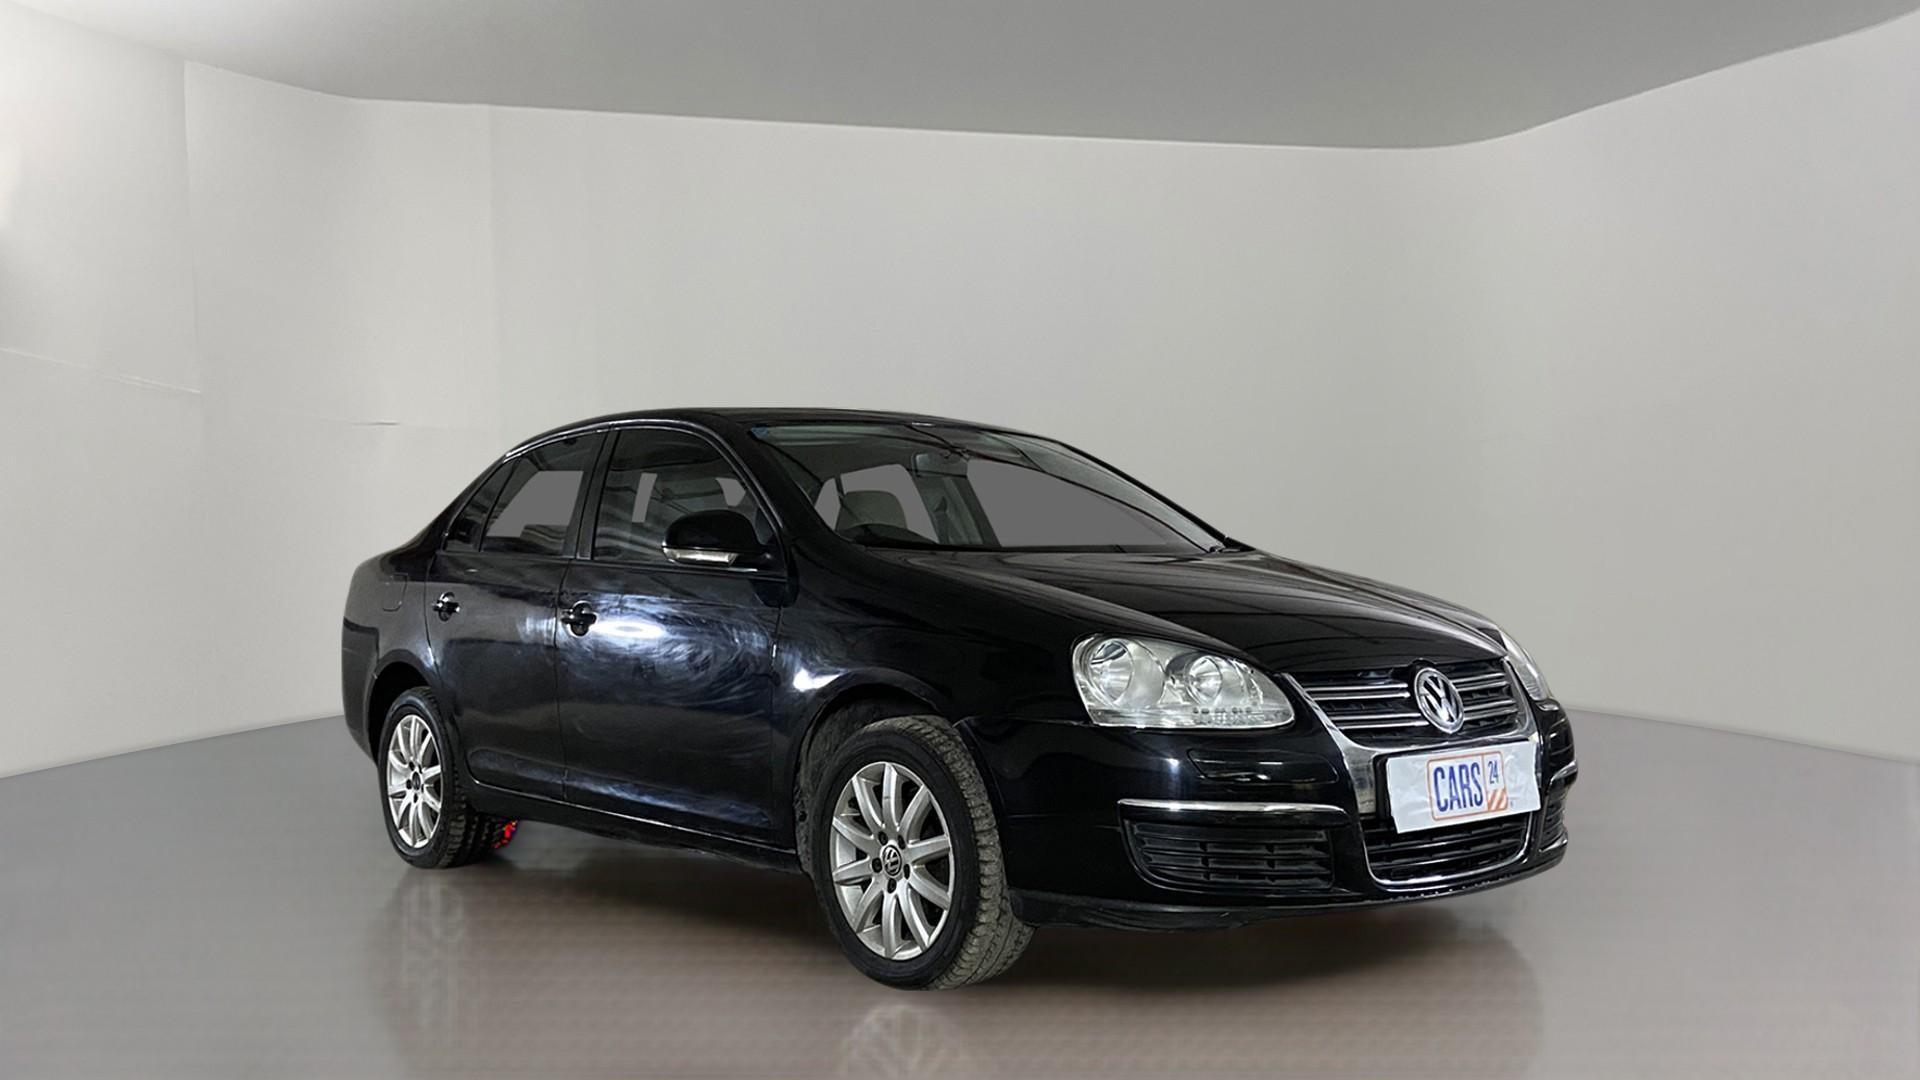 2010 Volkswagen Jetta TRENDLINE 1.6